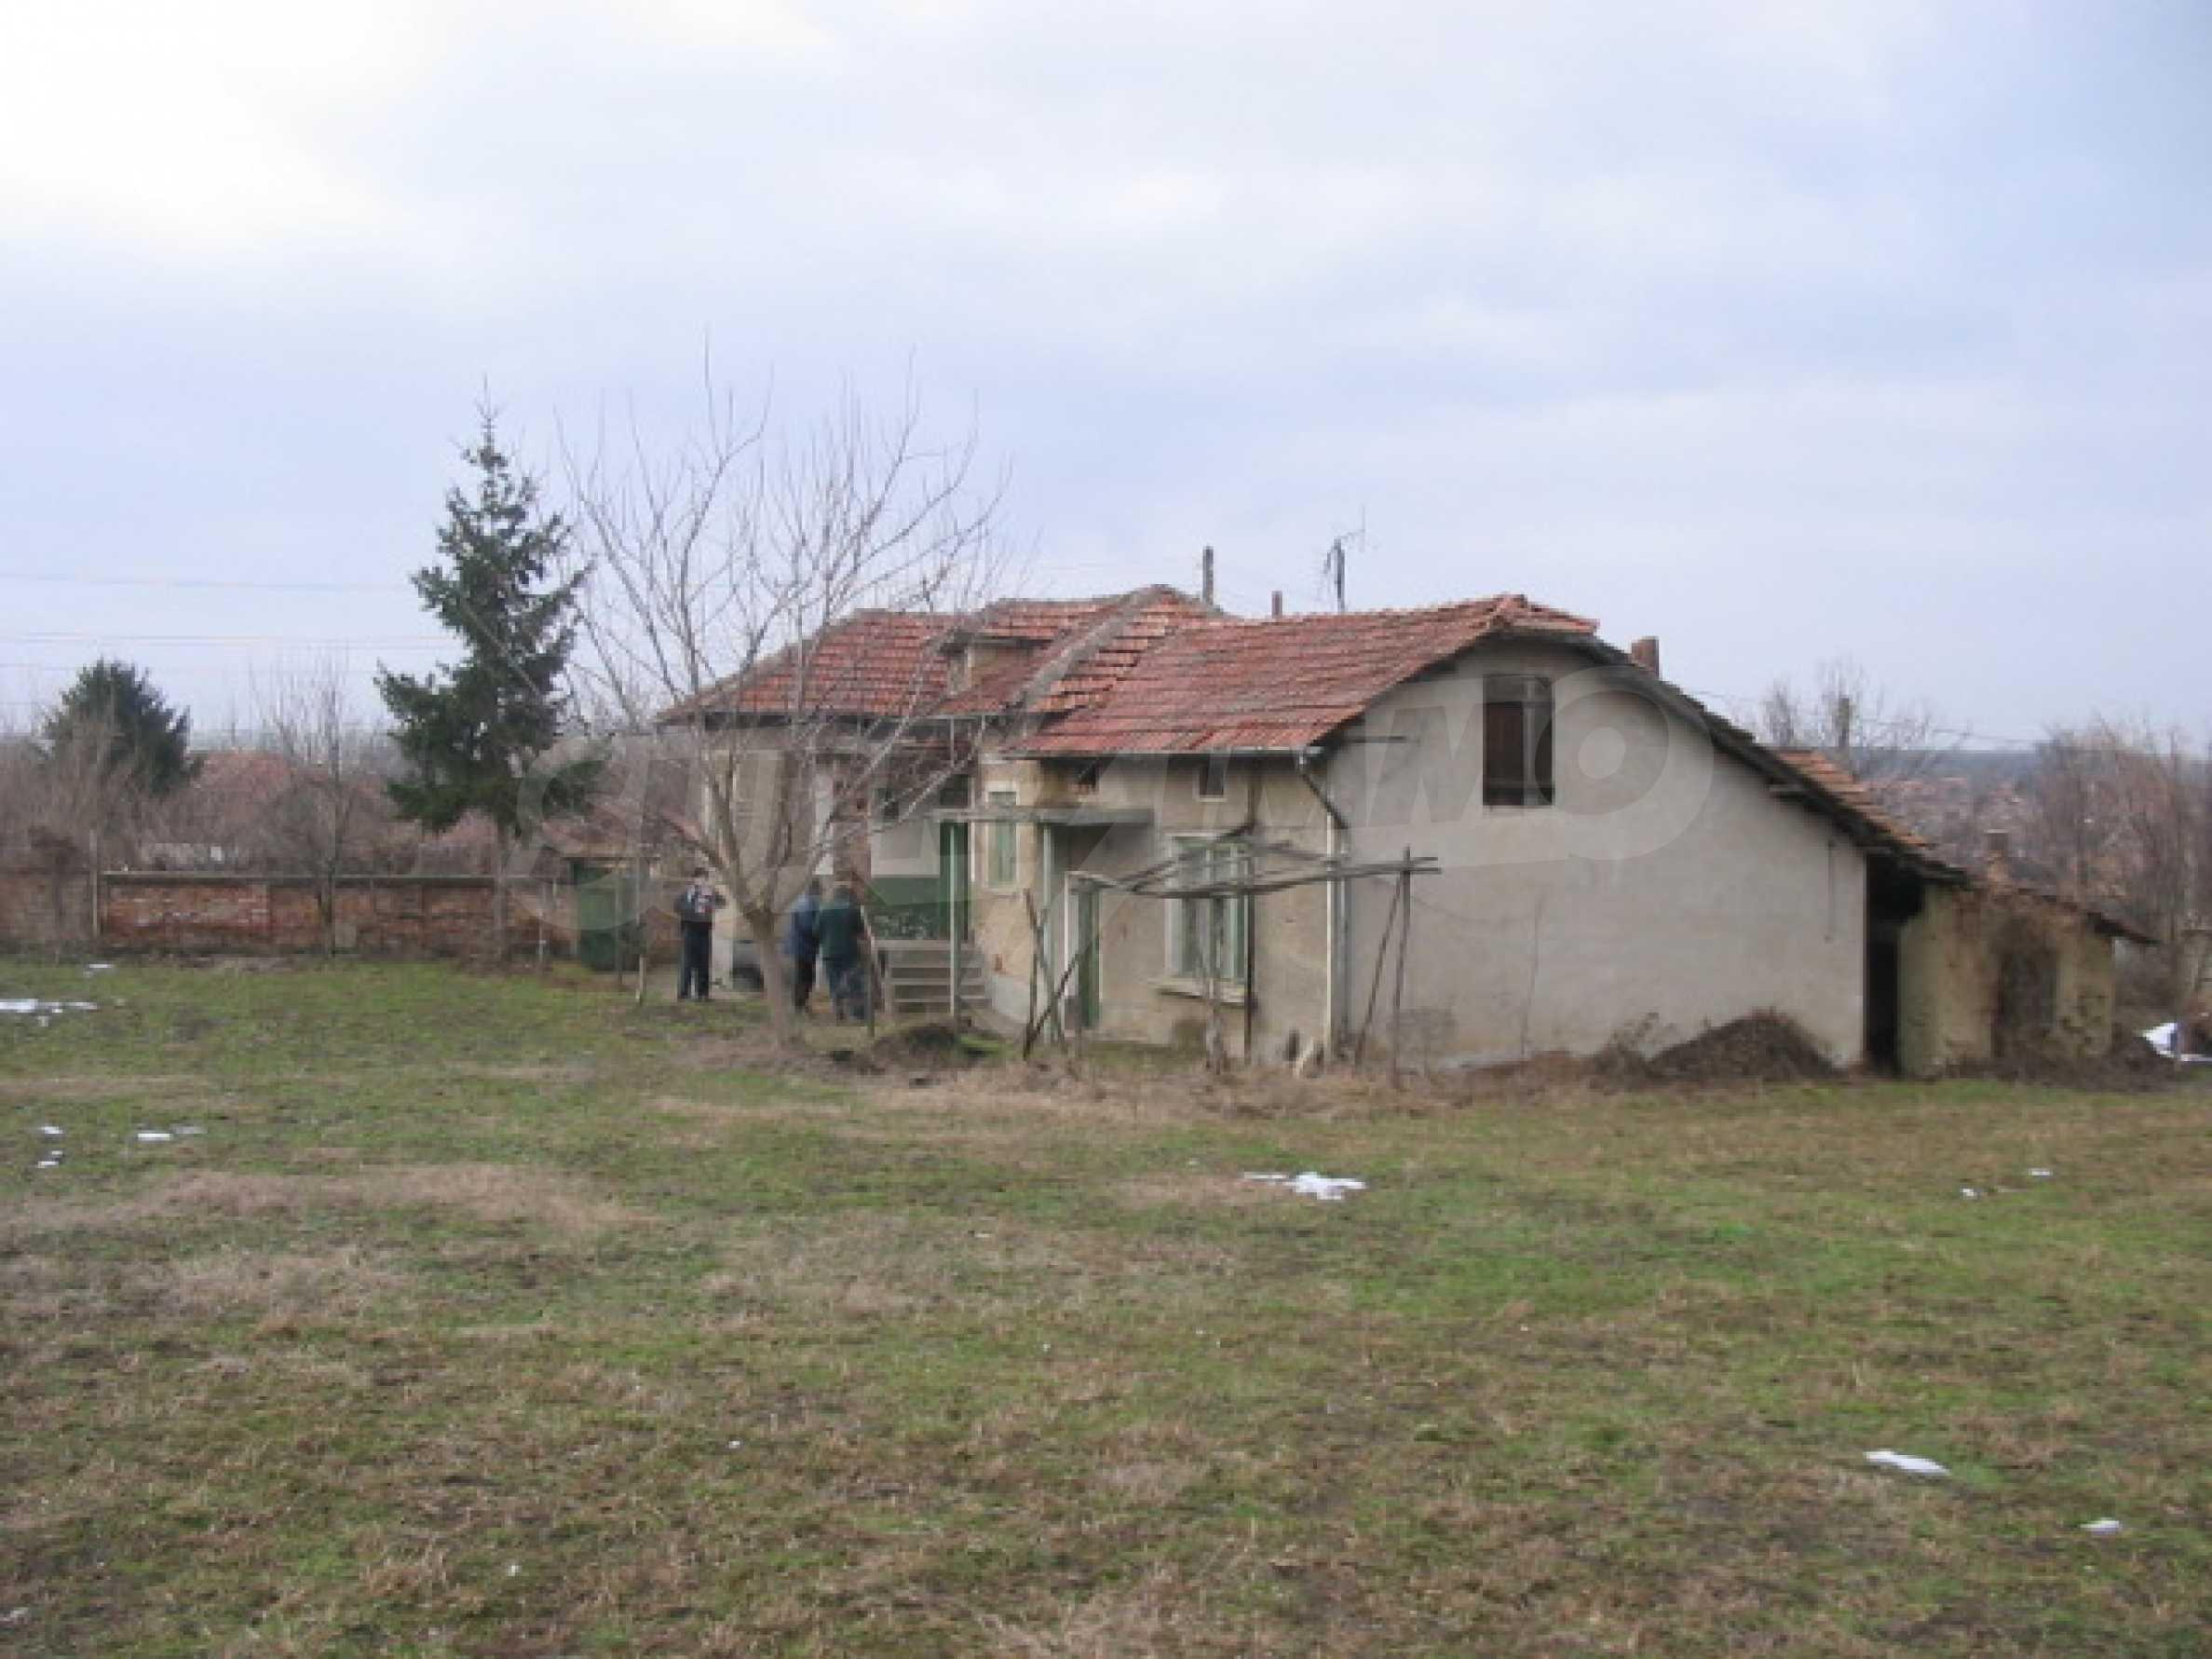 Haus zum Verkauf in der Nähe von Veliko Tarnovo 2